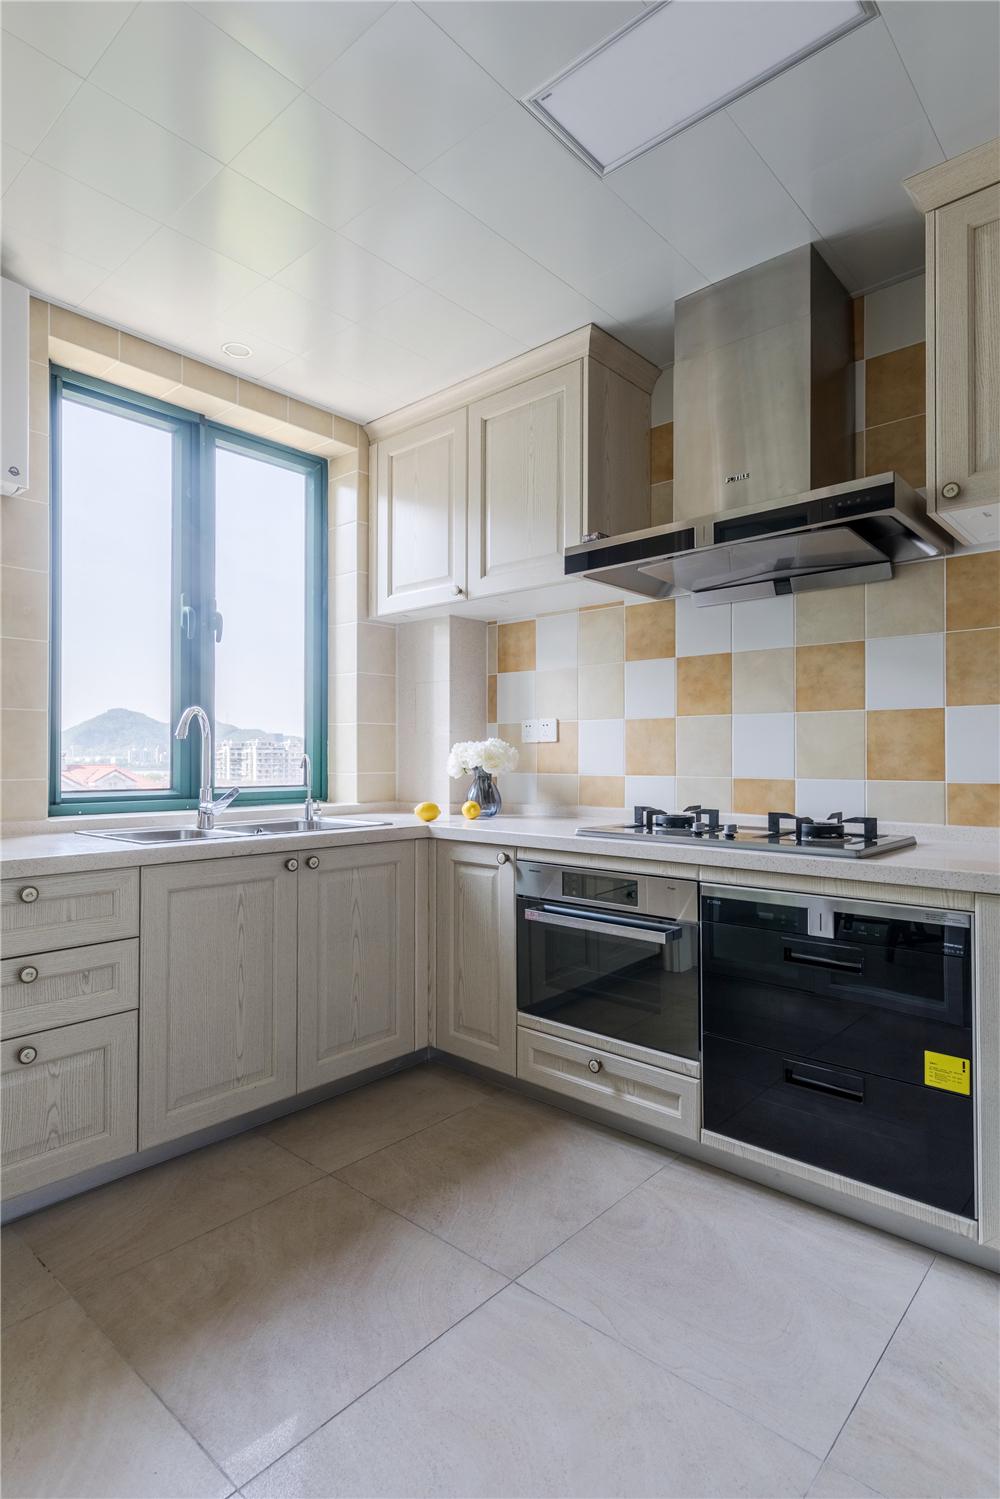 170㎡美式风格厨房装修效果图